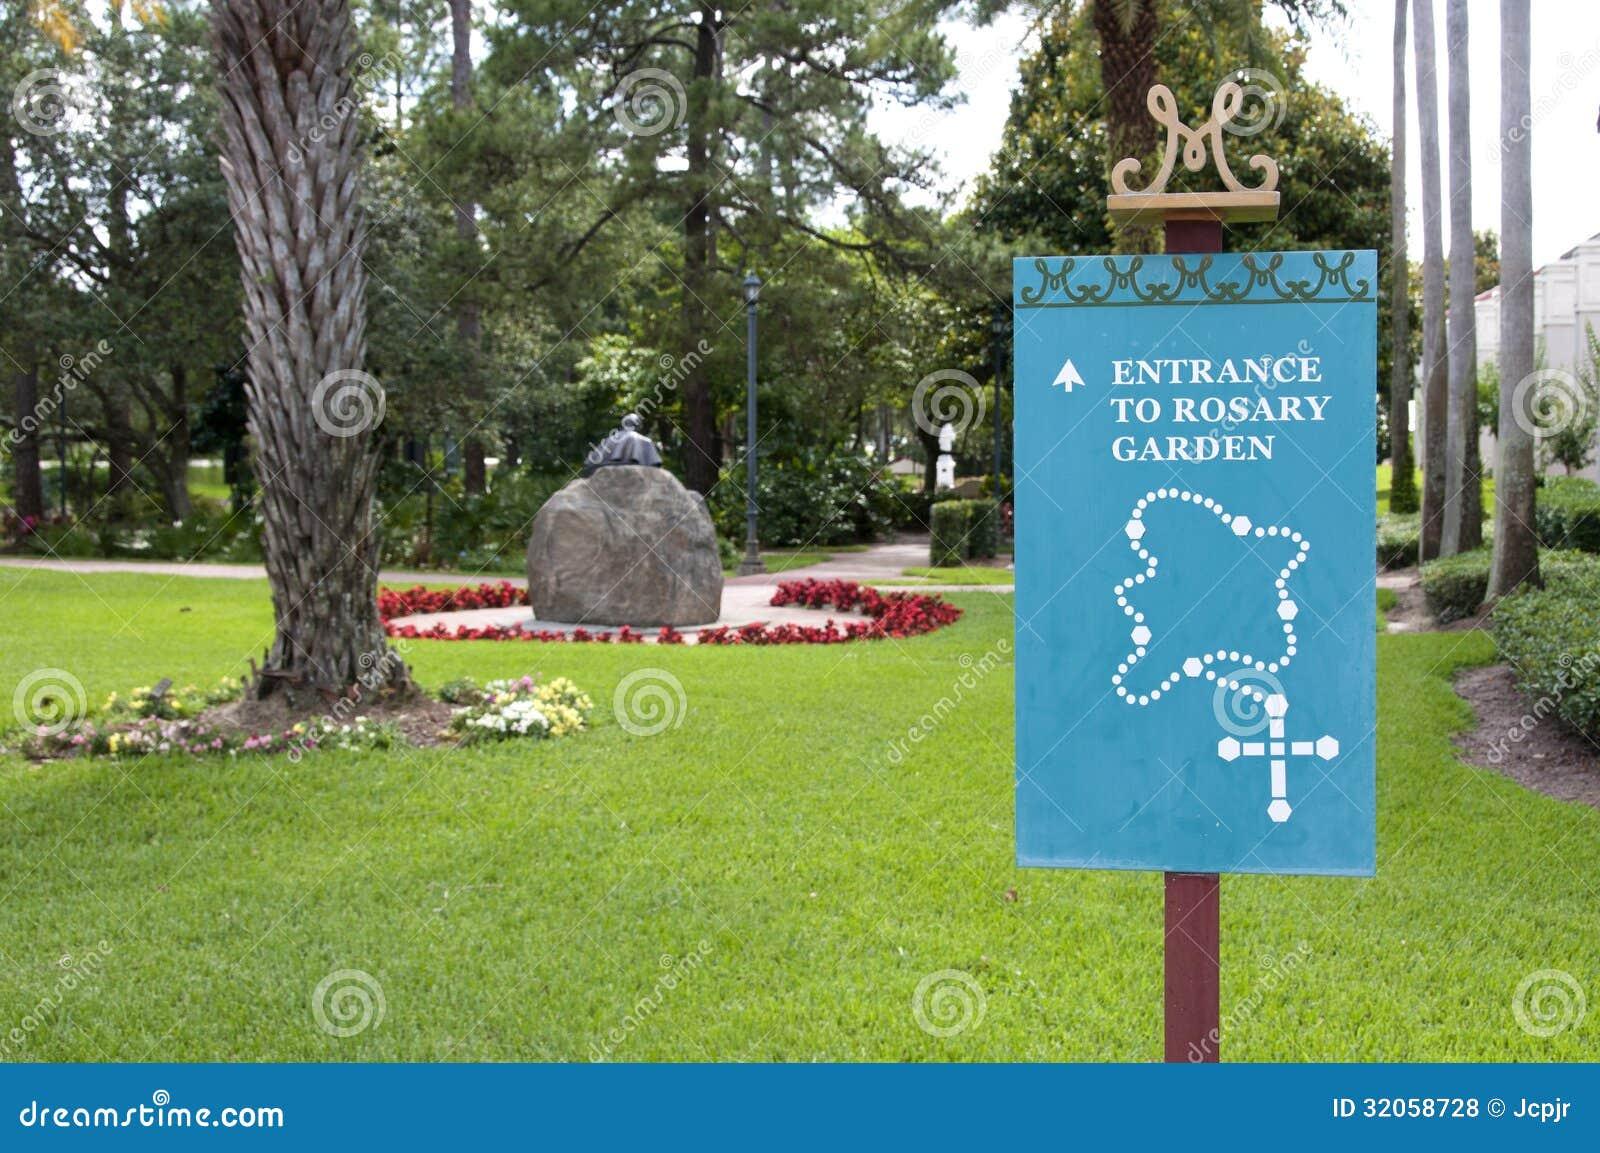 Rosary garden royalty free stock photos image 32058728 for Rosary garden designs